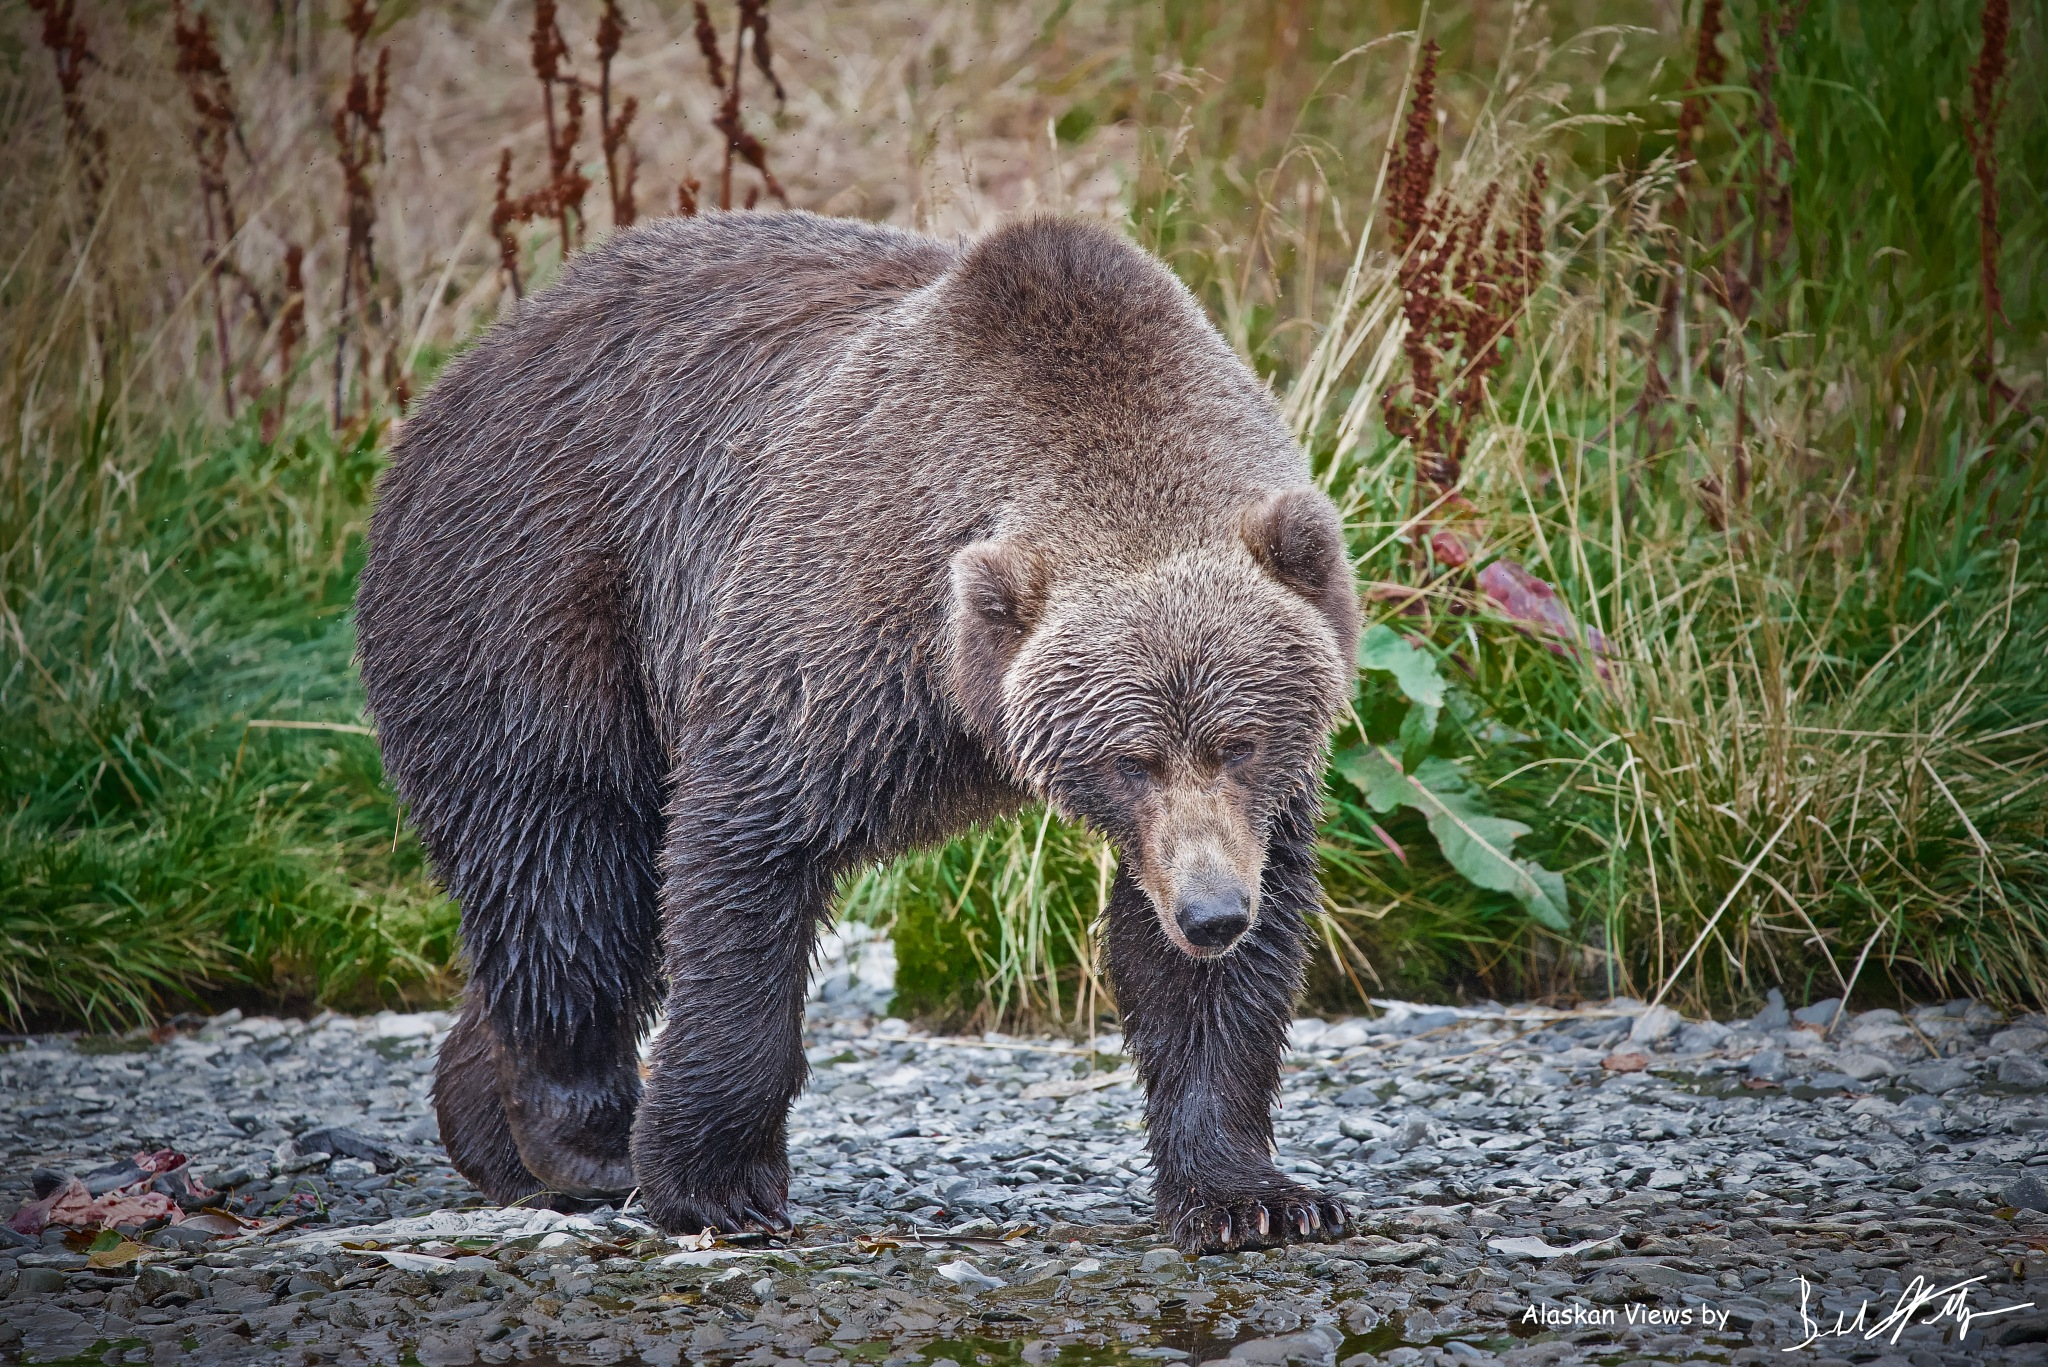 The Eye On The Target by Polar_Bear